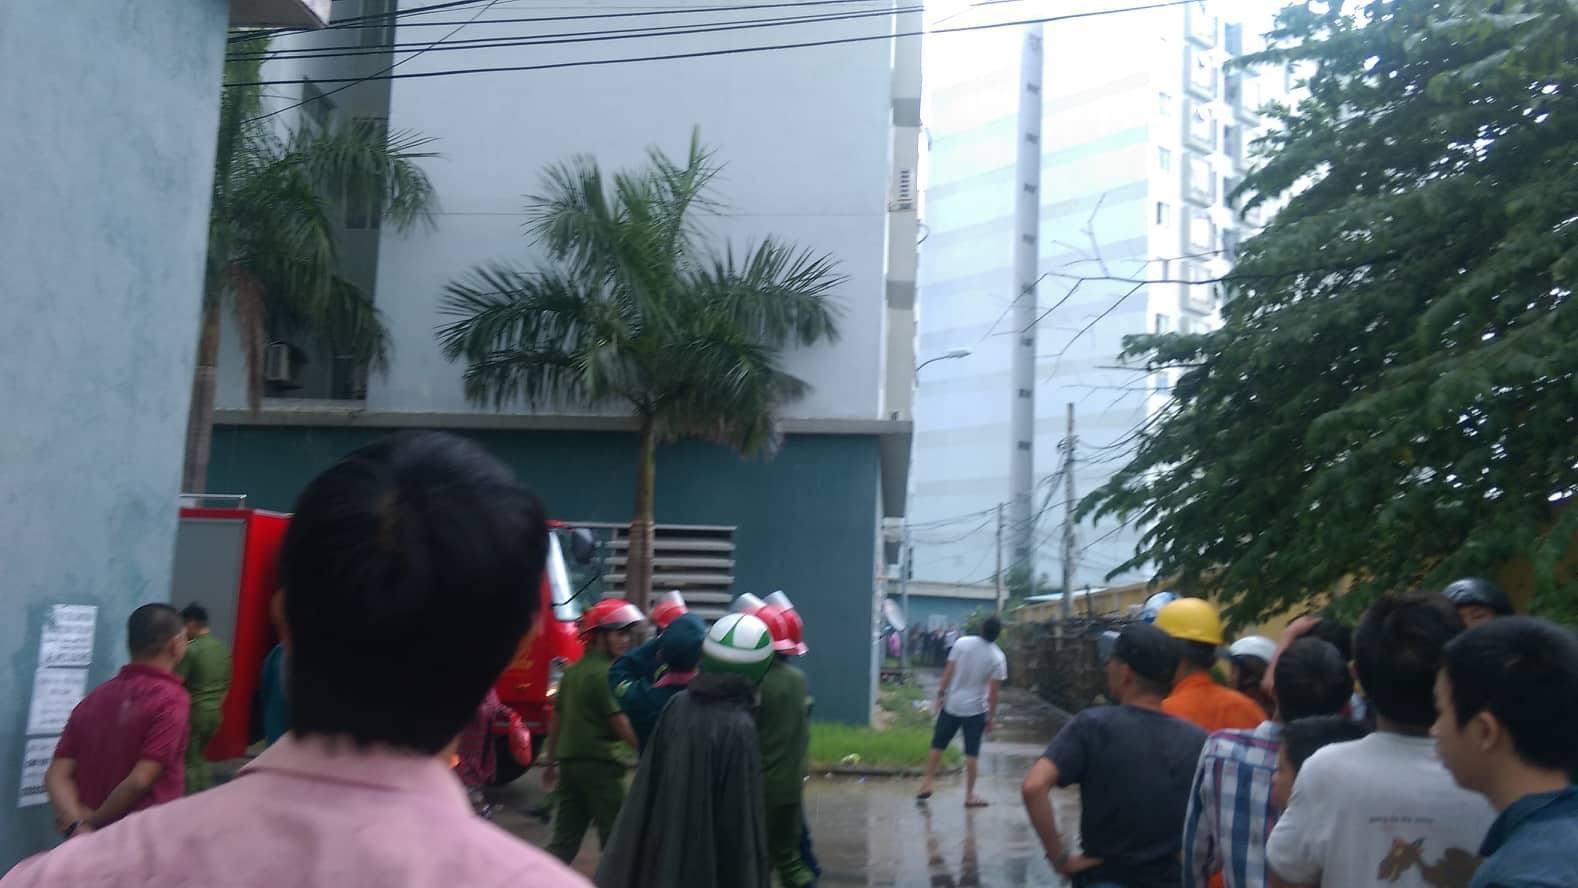 Cháy chung cư sau tiếng nổ lớn, hàng trăm người dân hoảng loạn tháo chạy - Ảnh 3.